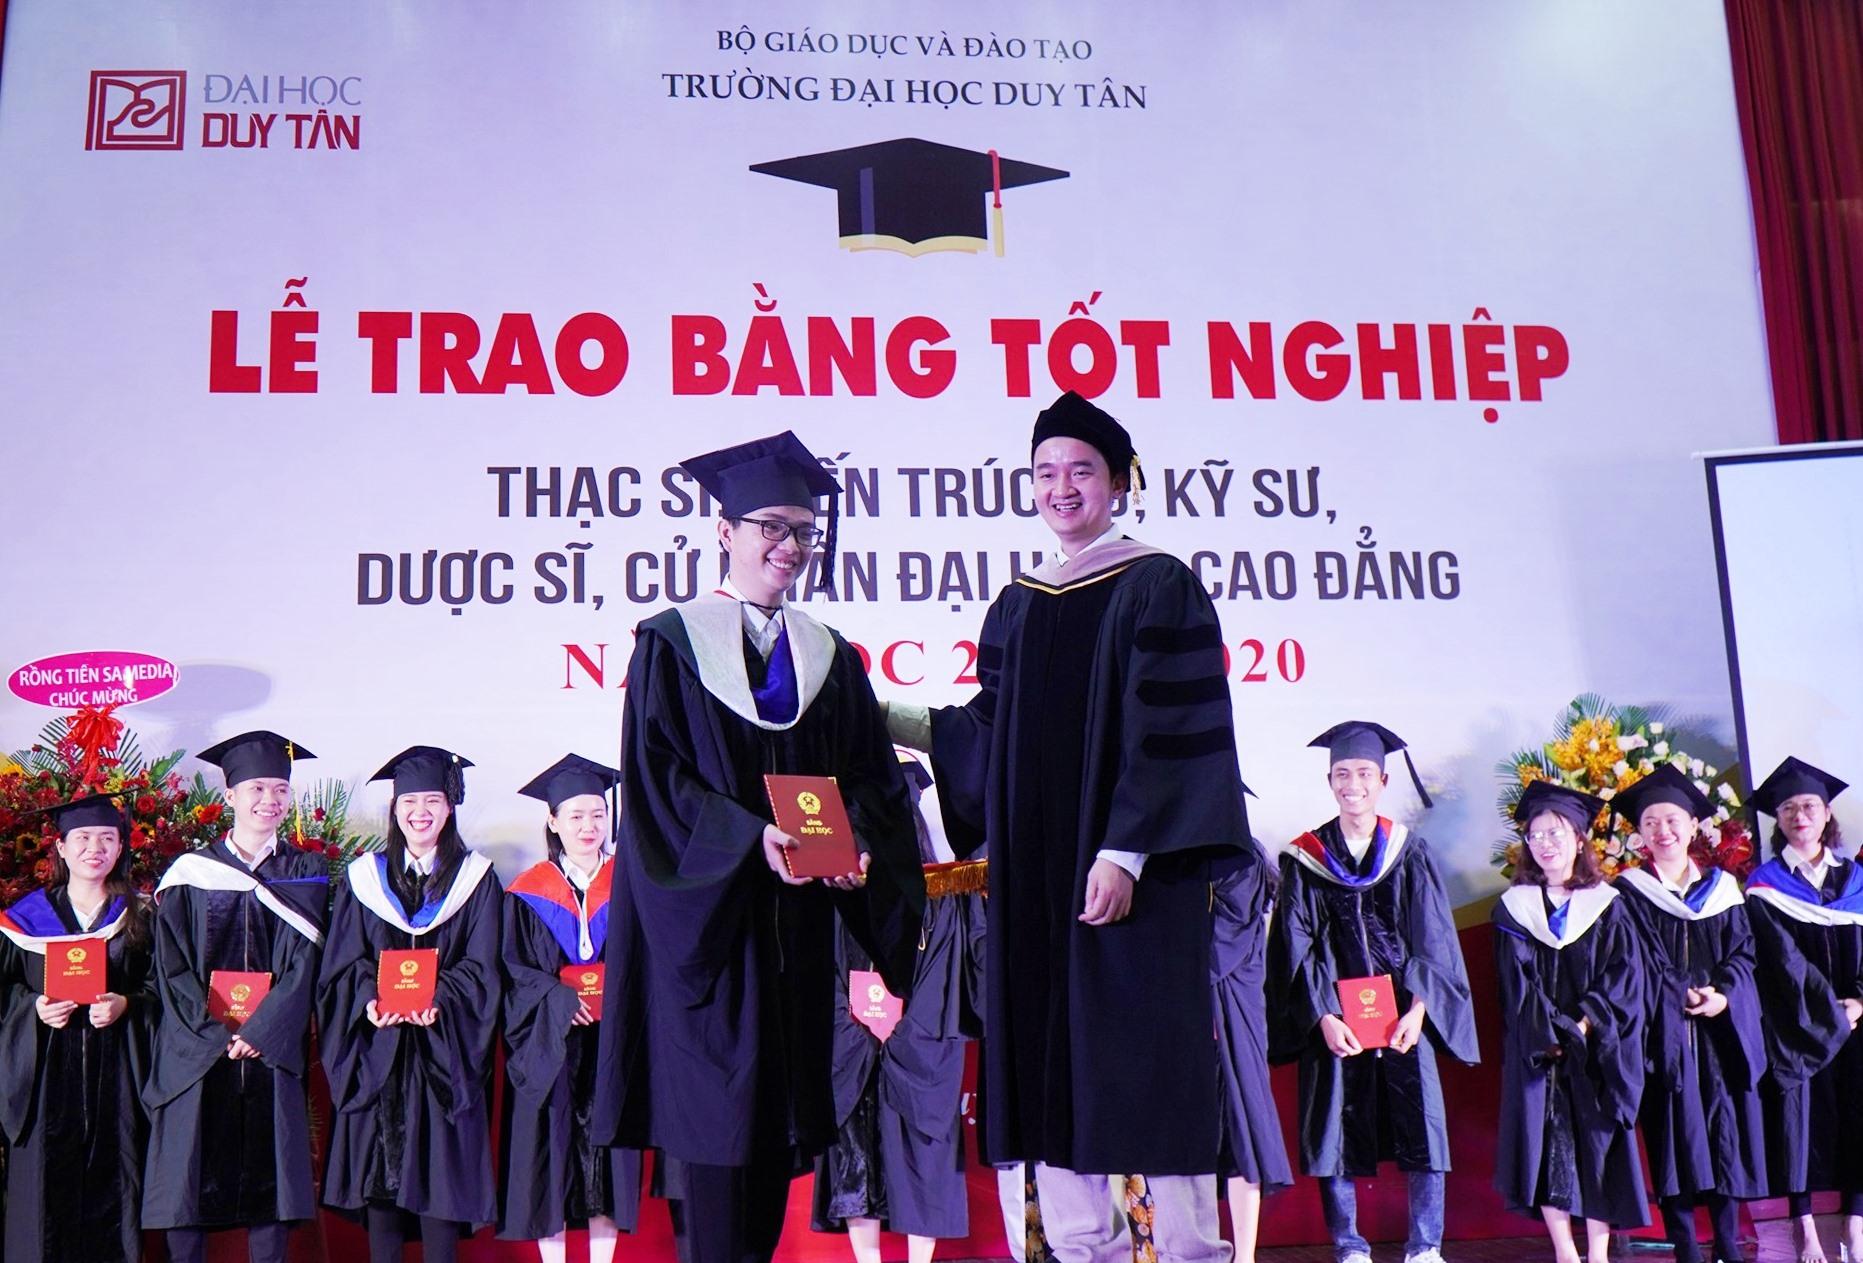 TS.Lê Nguyên Bảo -Hiệu trưởng DTU trao bằng tốt nghiệp cho các tân thạc sĩ, dược sĩ, kiến trúc sư, cử nhân năm học 2019-2020